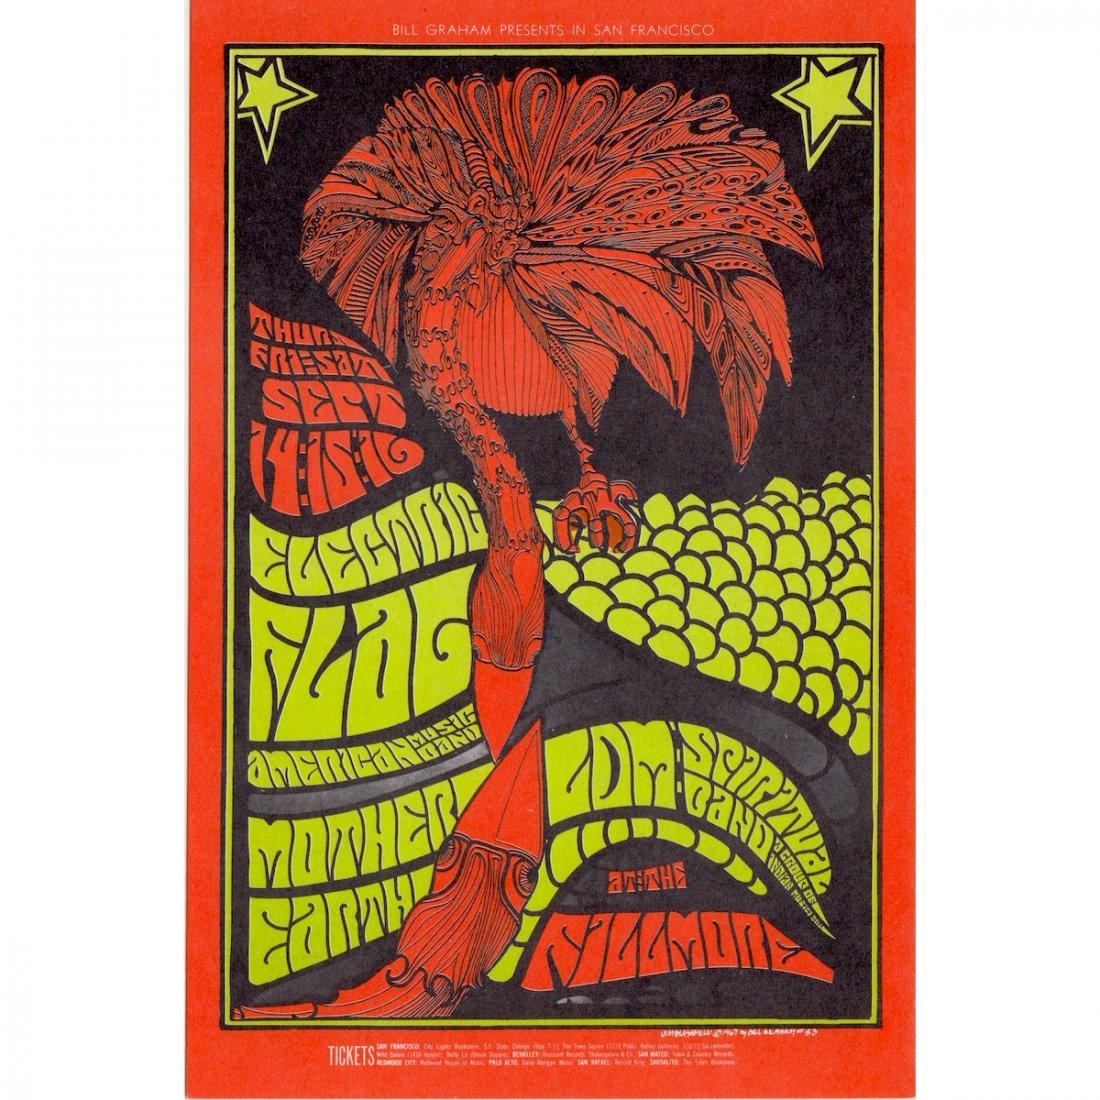 Electric Flag - 1967 Fillmore Concert Handbill